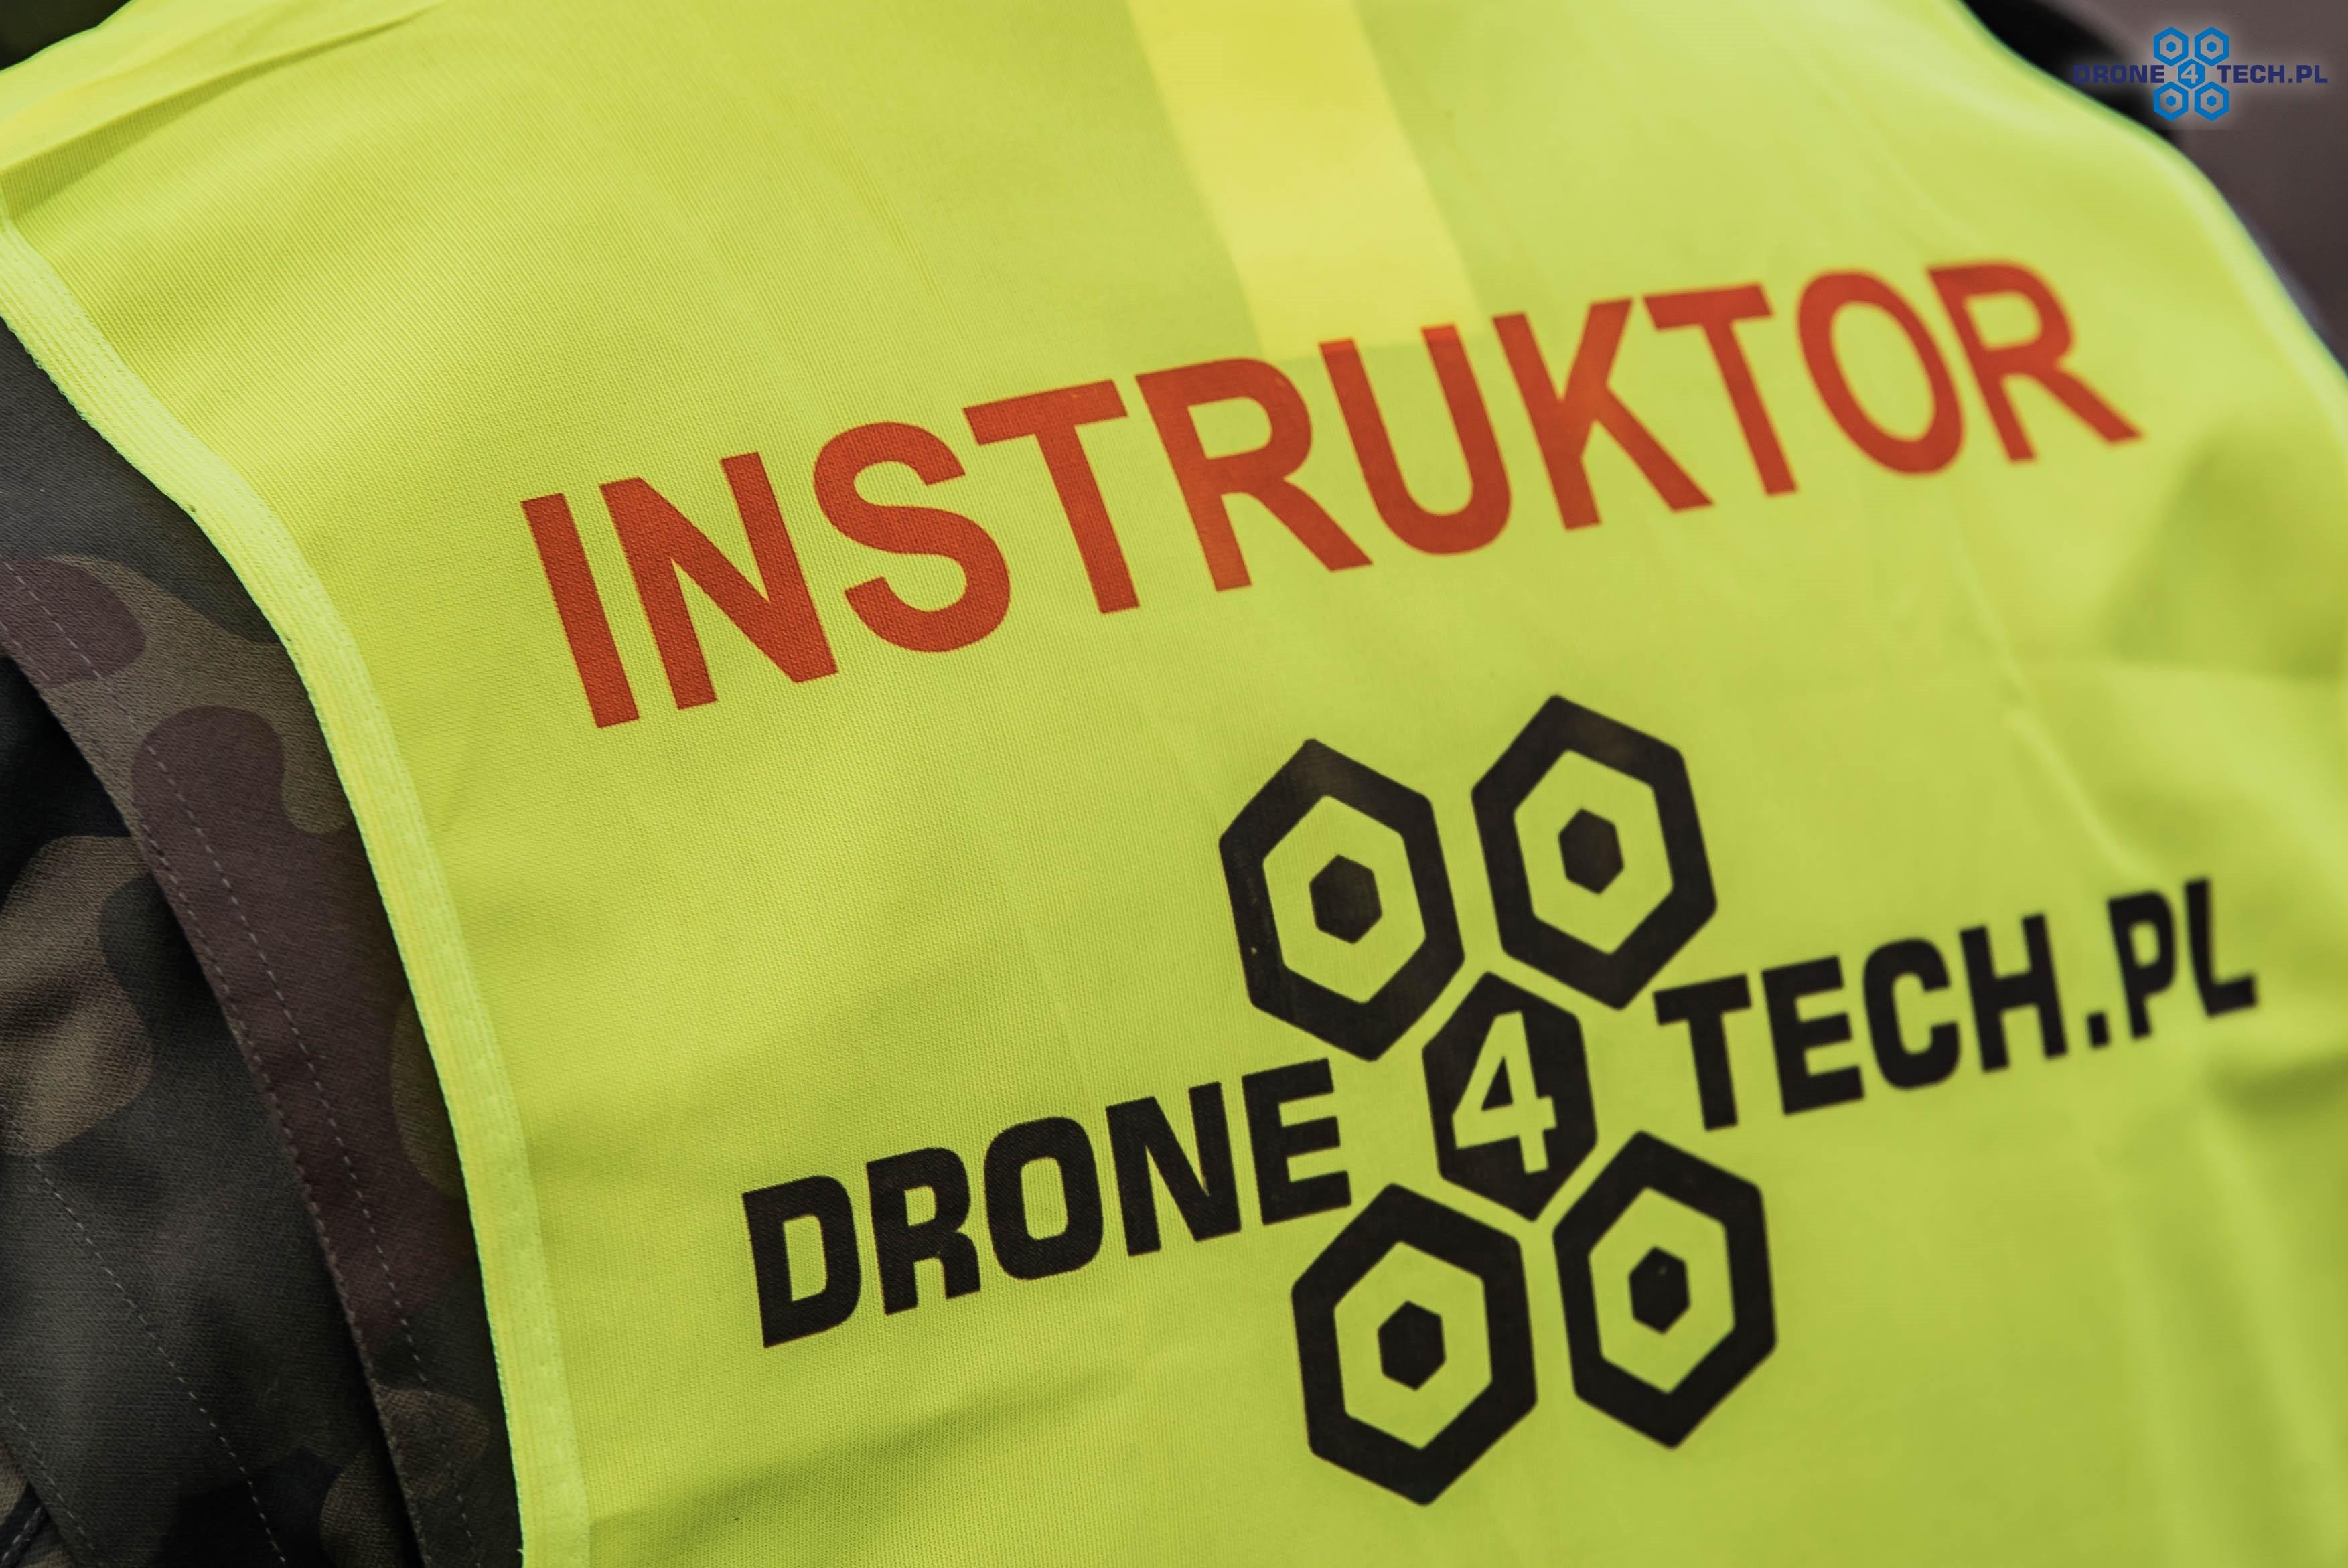 Profesjonalny kurs obsługi dronów